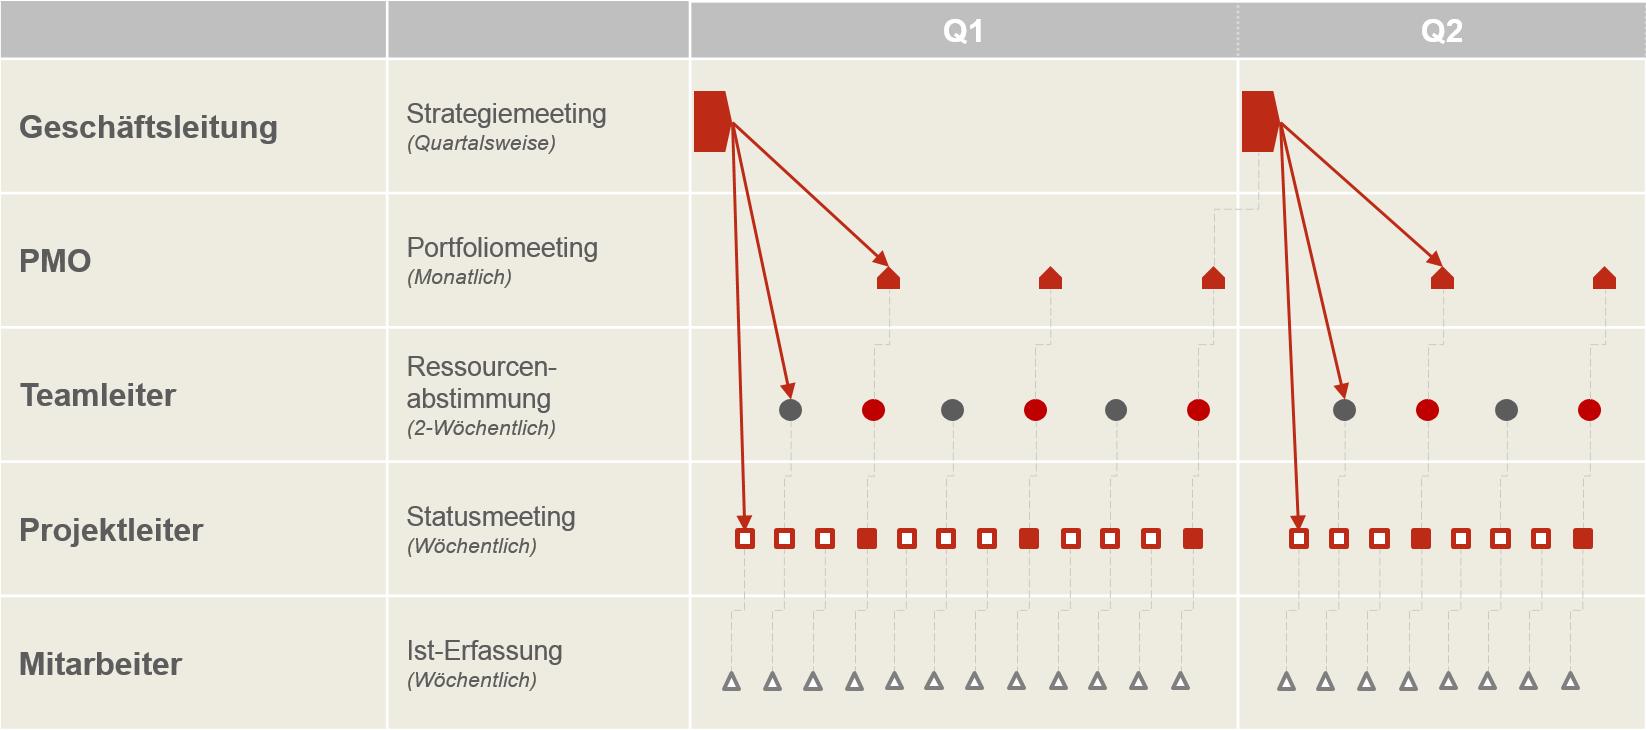 Kapazitätsplanung im Projektmanagement 2